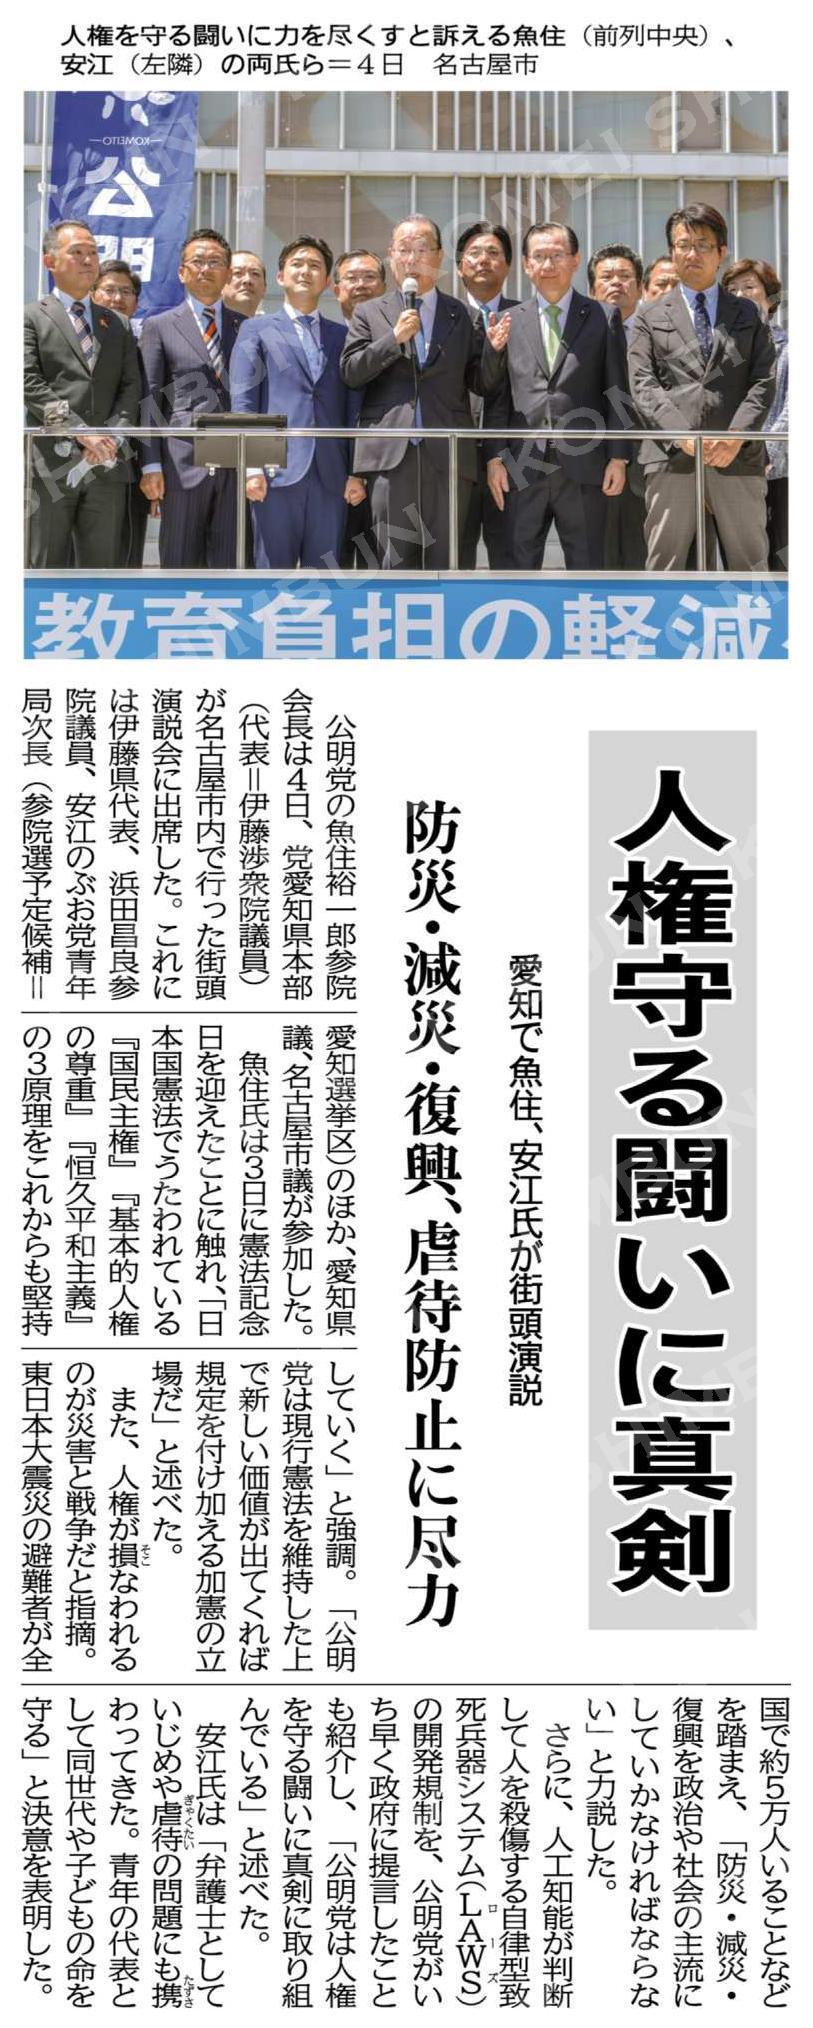 防災・減災・復興、虐待防止に尽力/愛知で魚住、安江氏が街頭演説